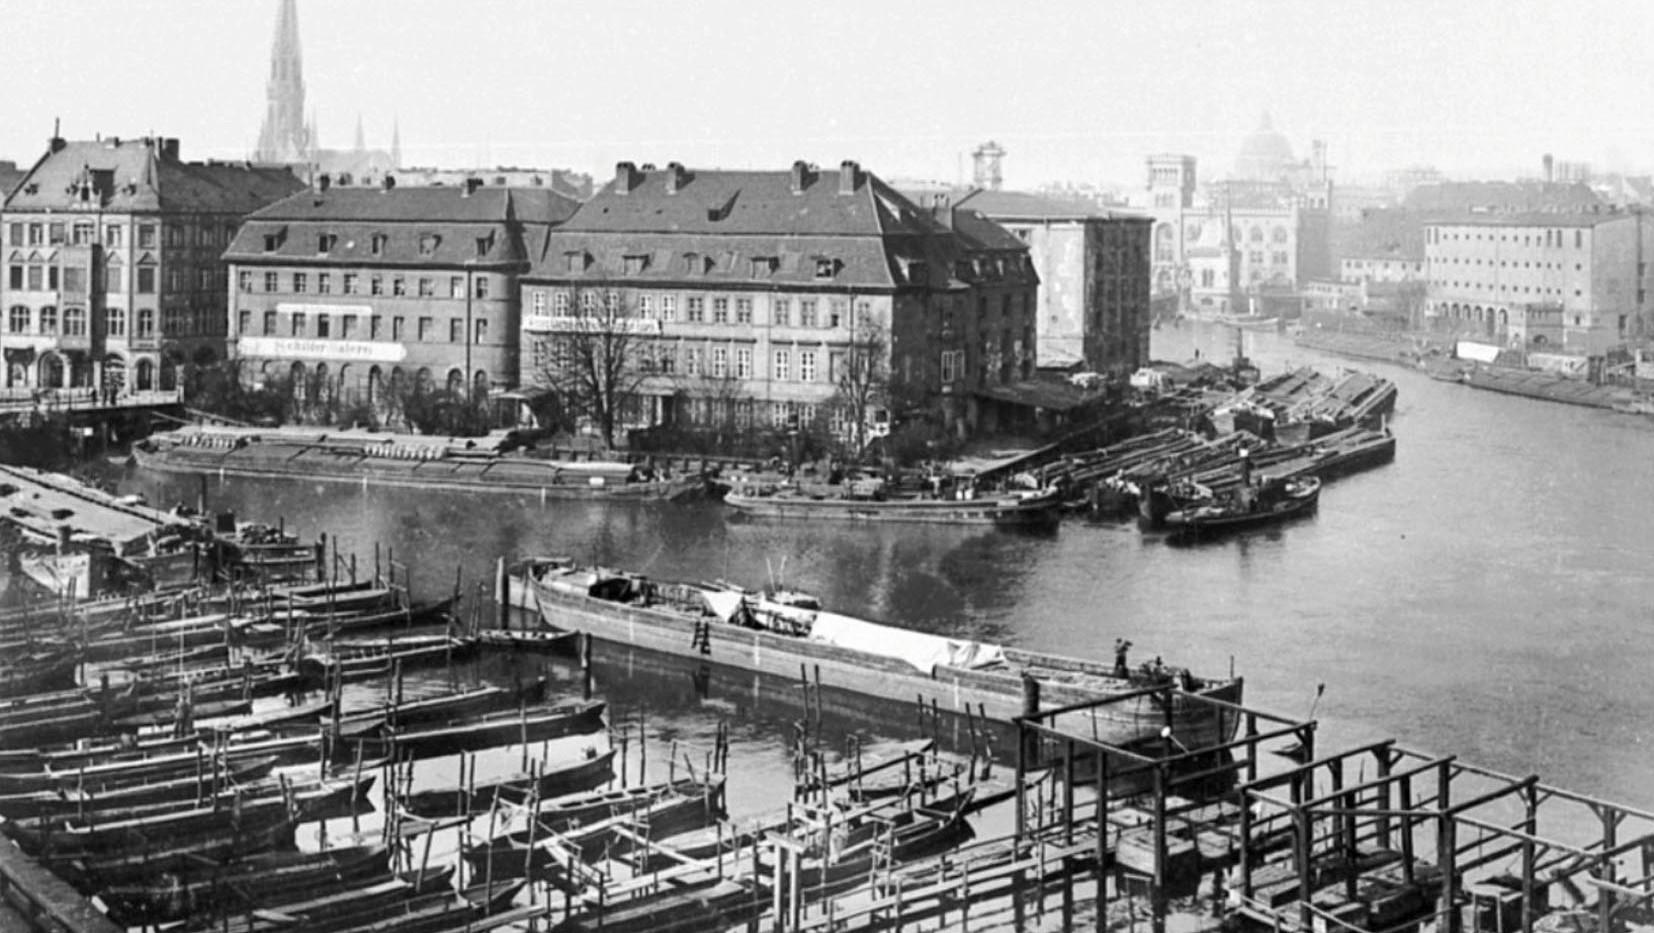 Unbekannt (ca. 1910), Blick aus Märkisches Ufer 28 auf Inselbrücke, Hafen, Dom